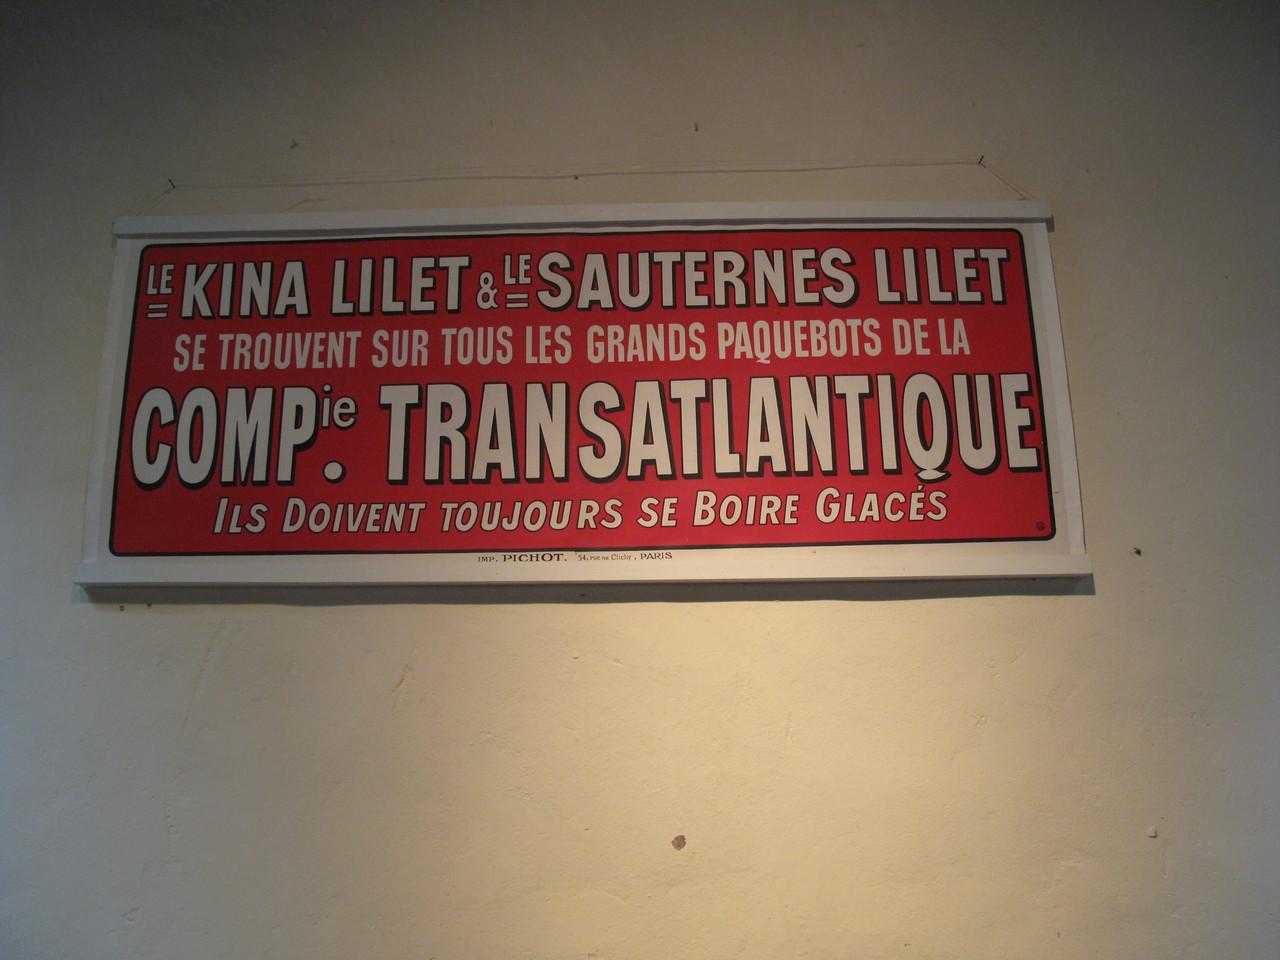 Lillet : réclames de la Compagnie Transatlantique.